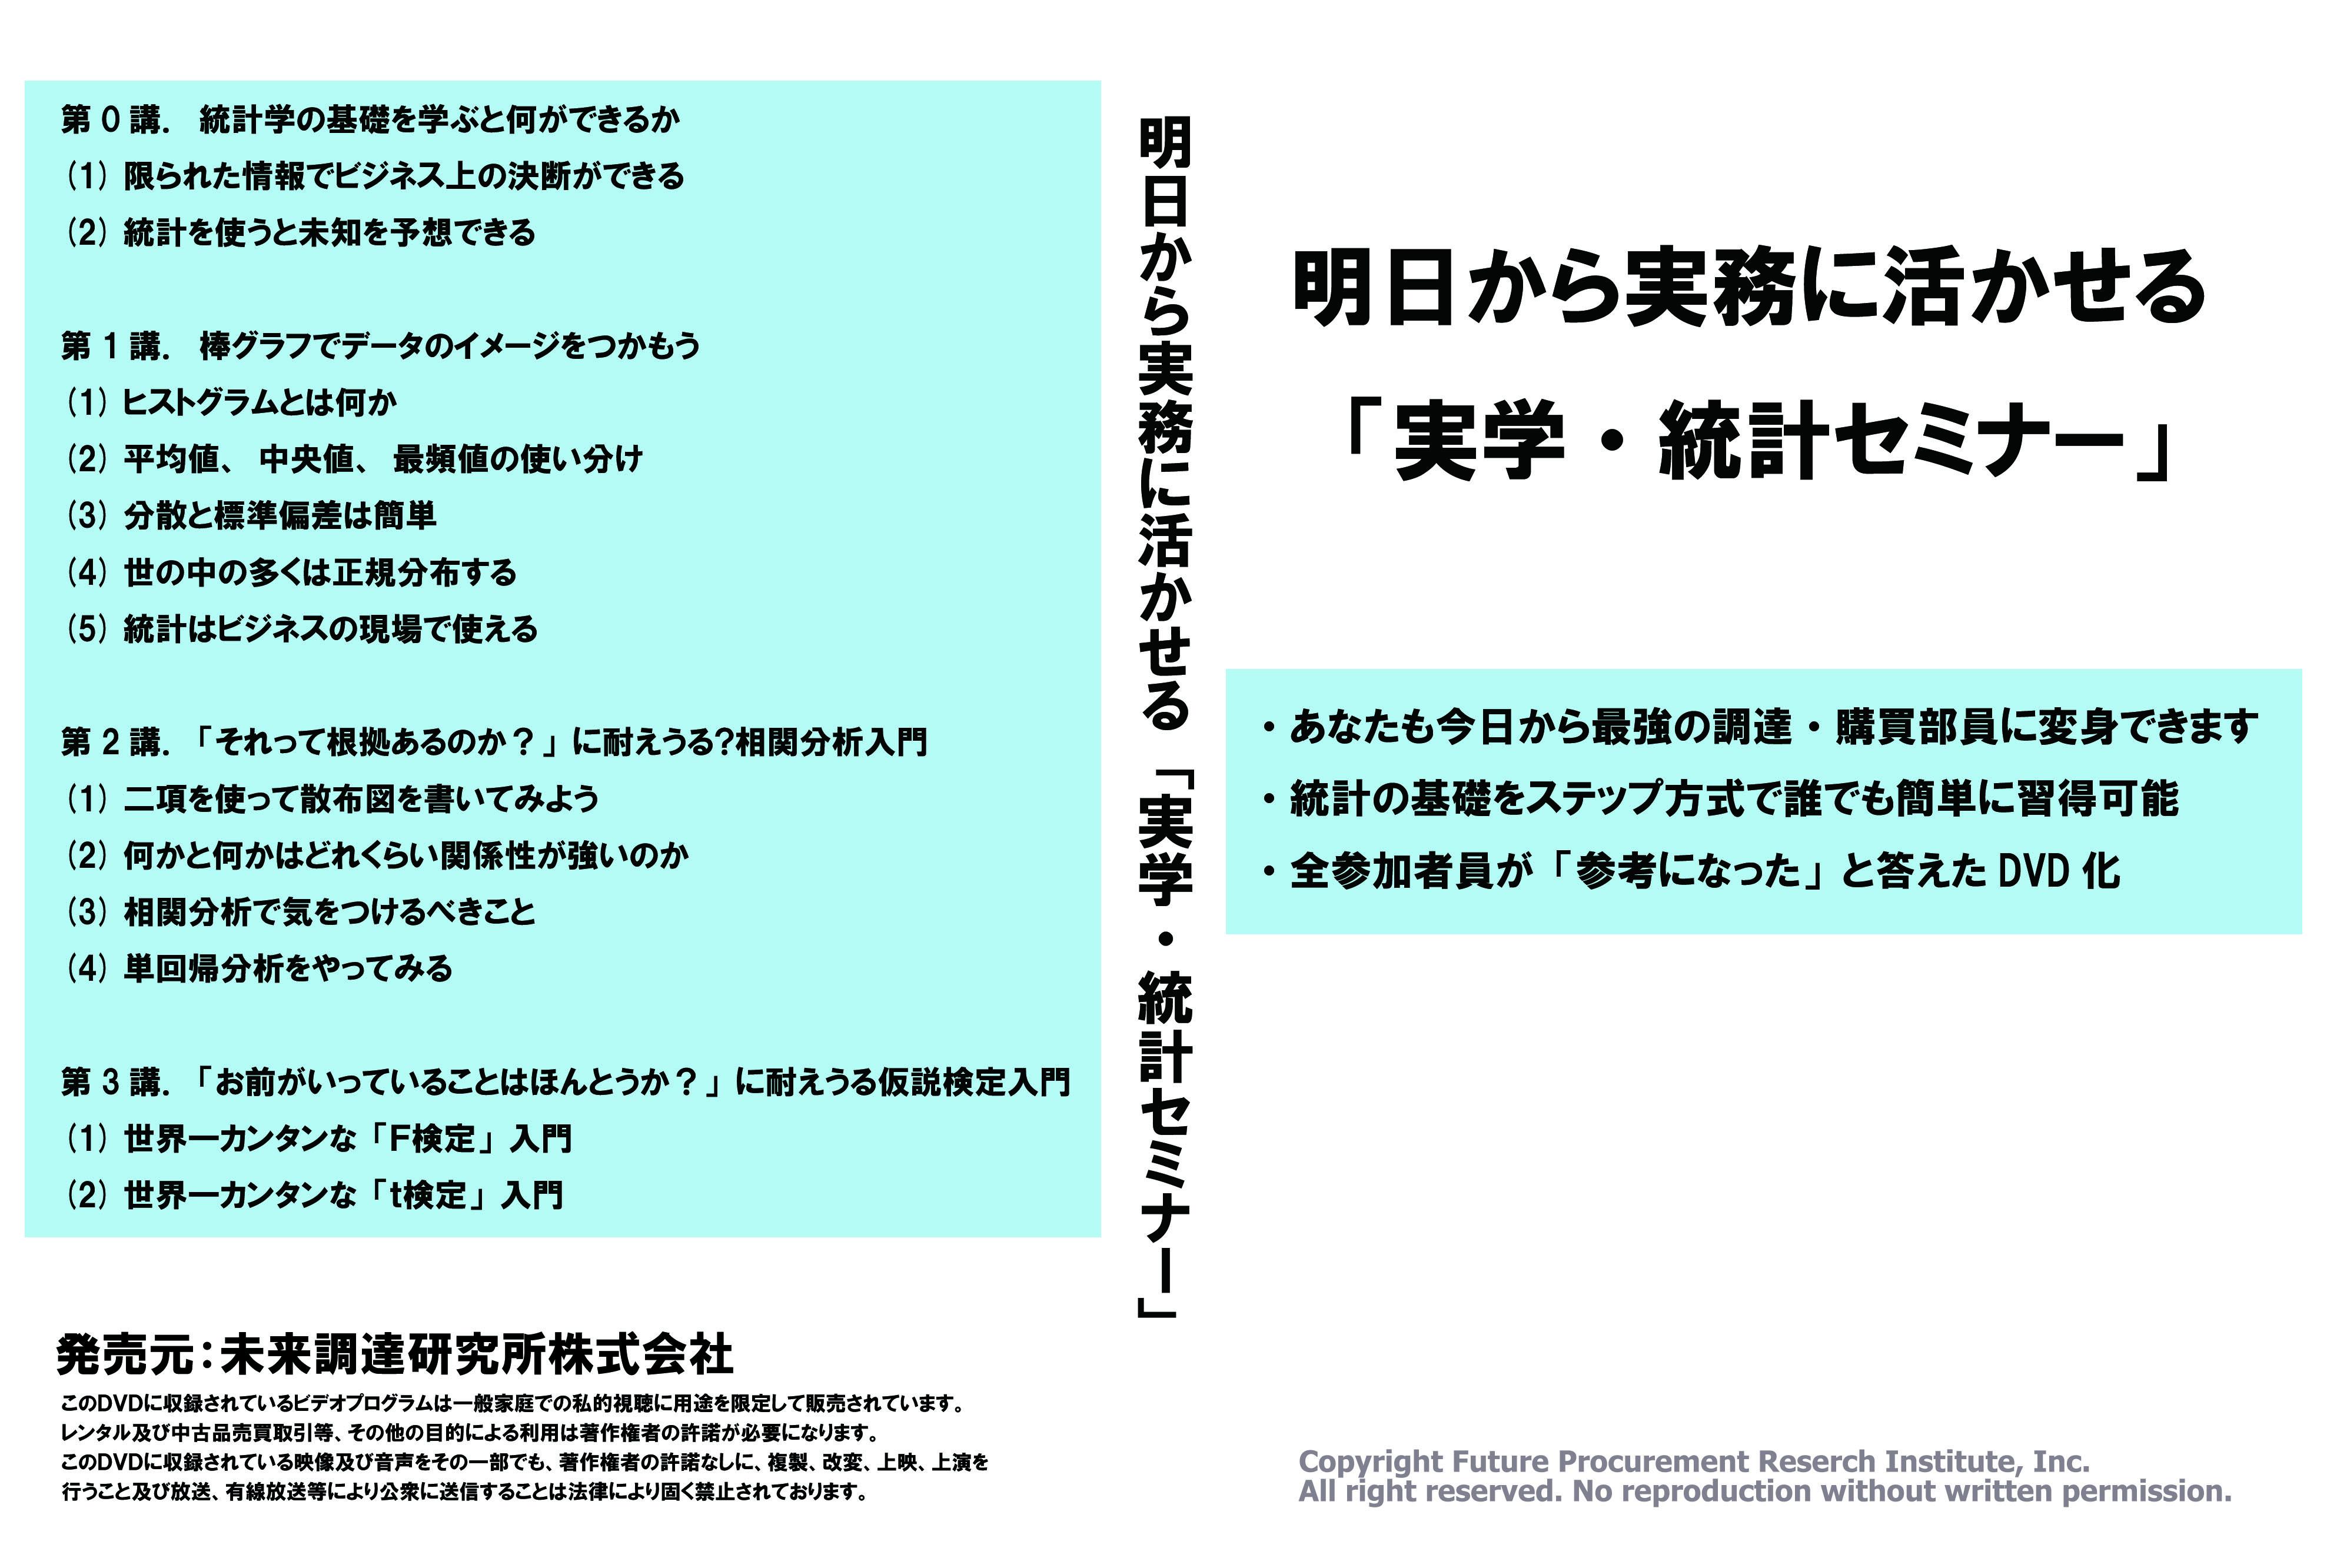 【DVDあるいはオンライン版】「明日から実務に活かせる『実学・統計セミナー』」(DVD+テキスト+エクセル生ファイル)